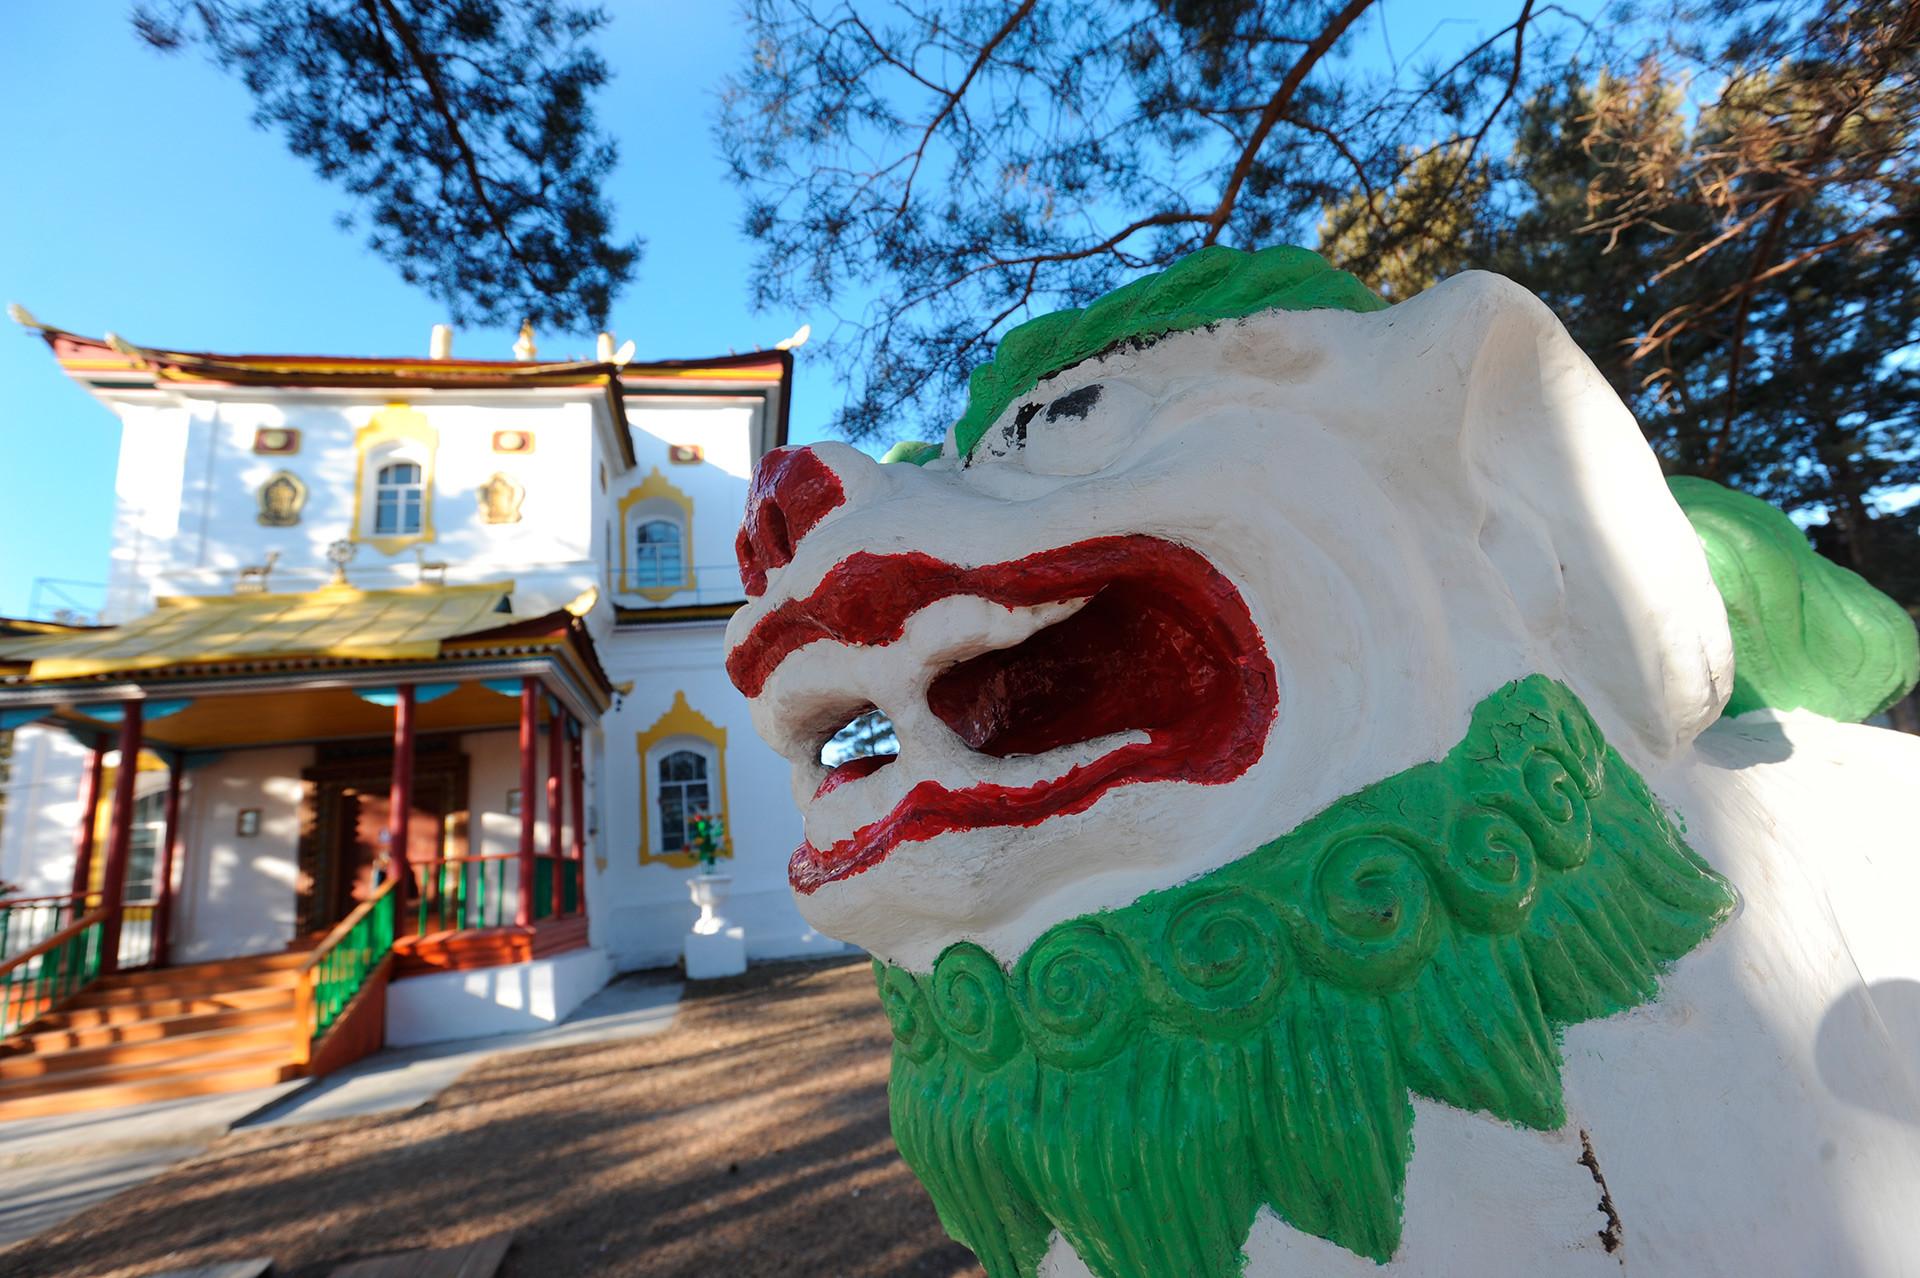 ザバイカル地方のアギンスコエ村の近くに位置するアギンスキー・ダツァン(仏教の寺院)。